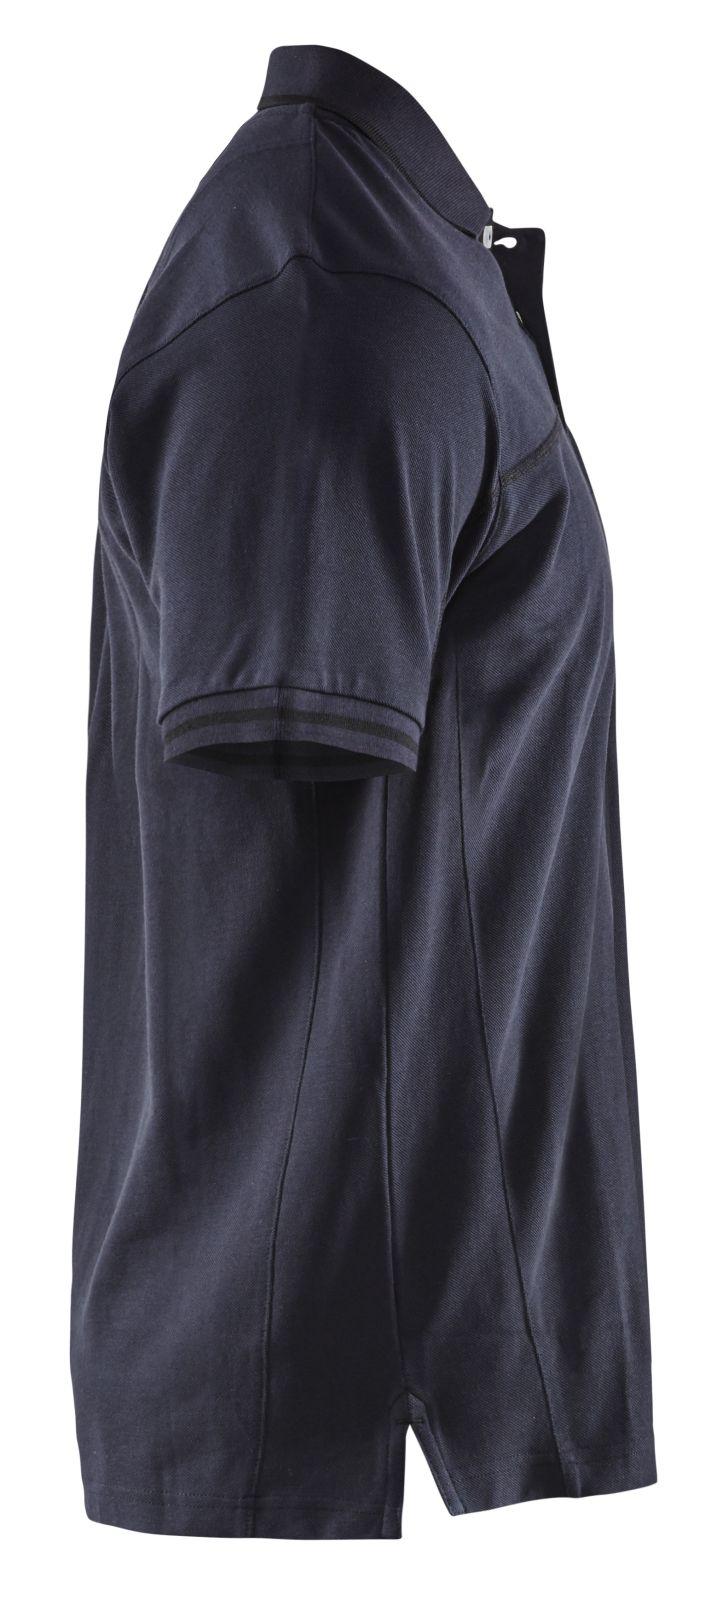 Blaklader Poloshirts 33891050 donker marineblauw-zwart(8699)